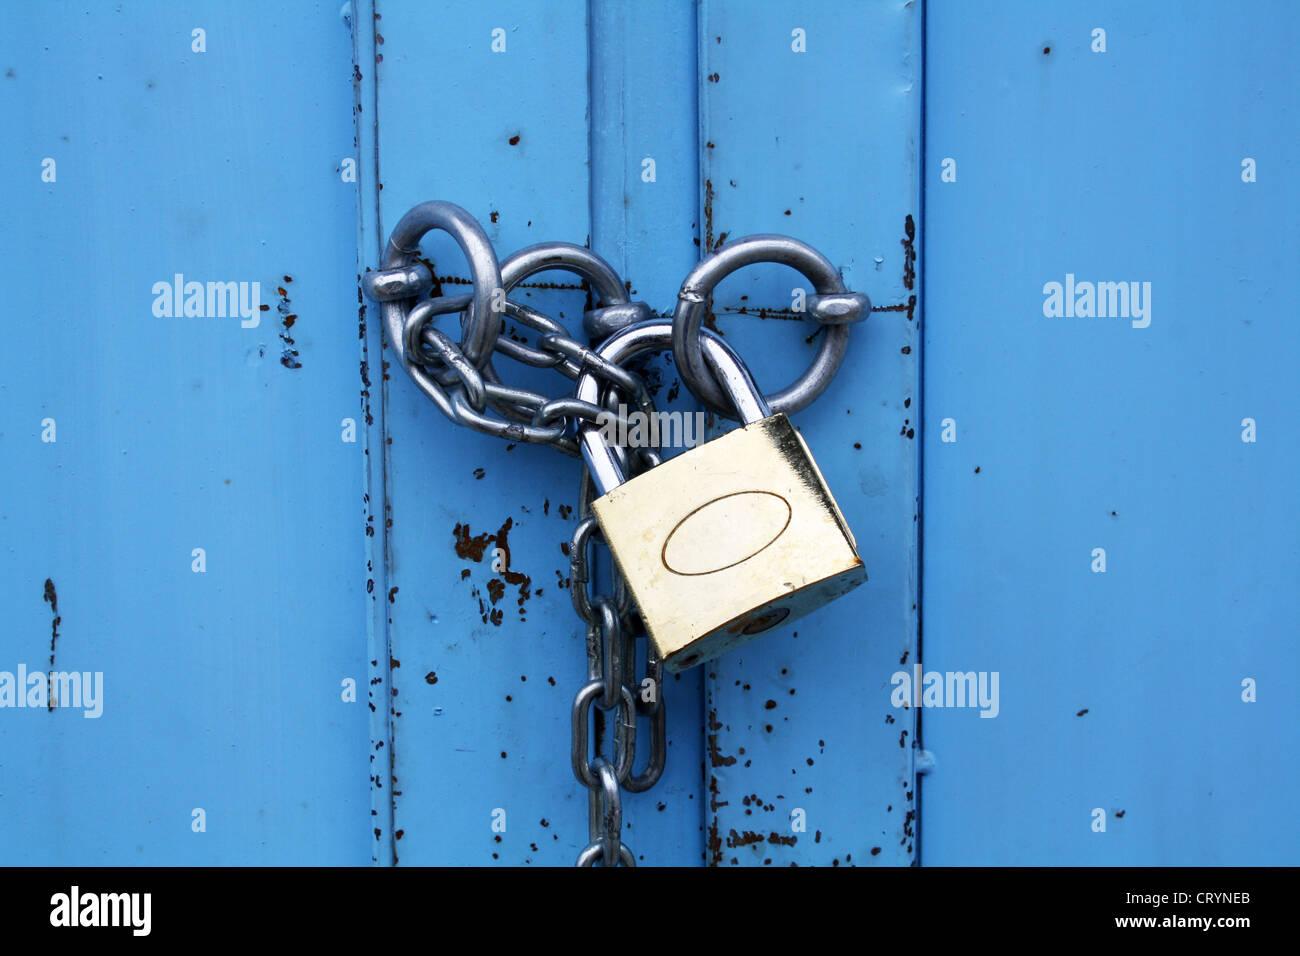 Candado con cadena en la puerta de metal azul Foto de stock